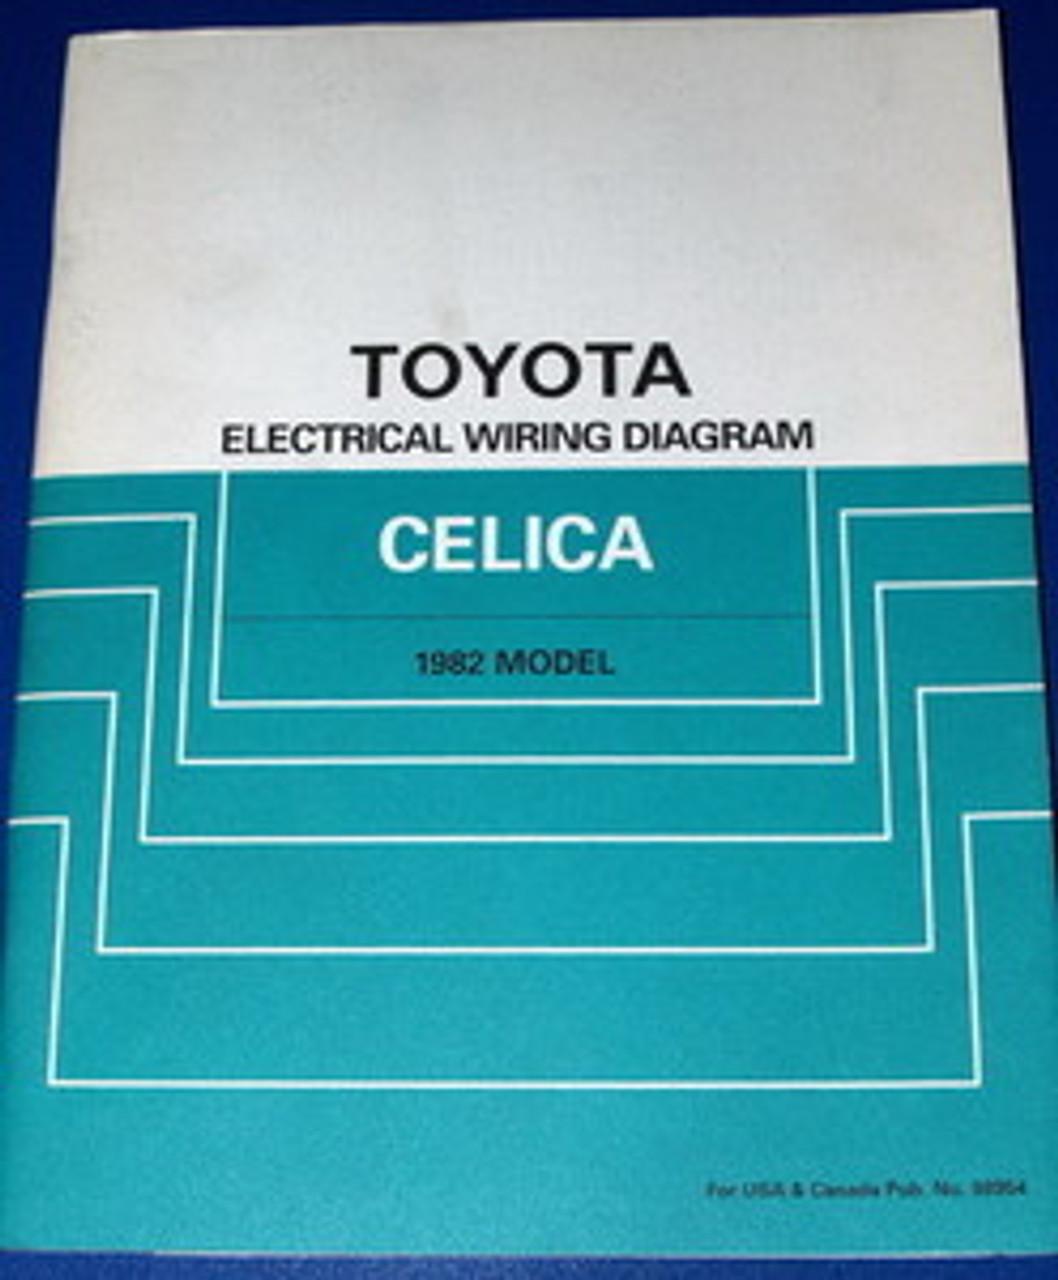 1982 toyota celica electrical wiring diagrams original factory manual -  factory repair manuals  factory repair manuals